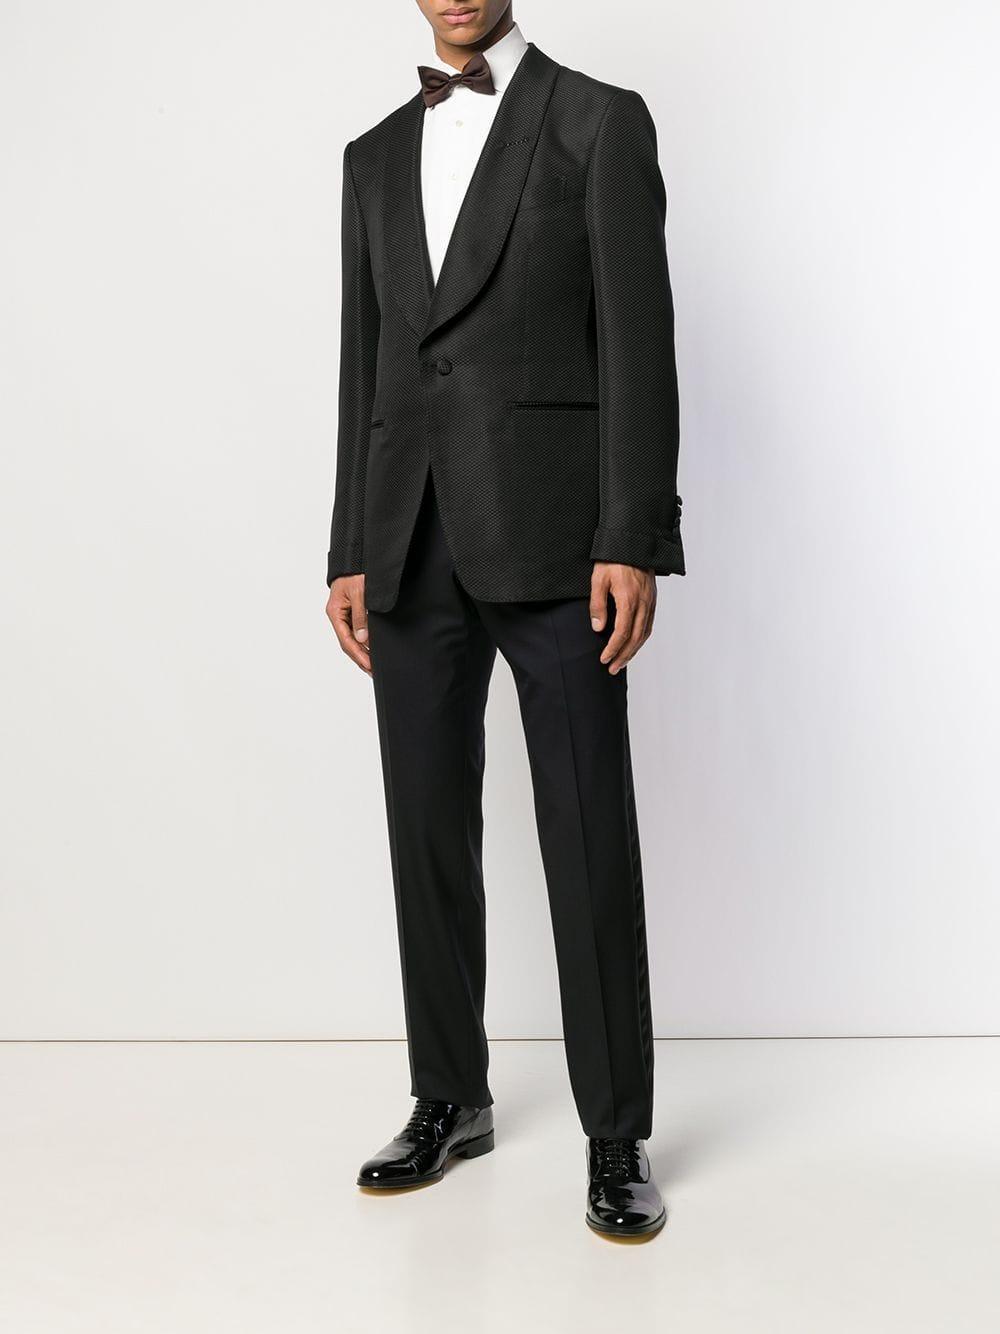 Tom Ford Zijde Blazer Met Textuur in het Zwart voor heren